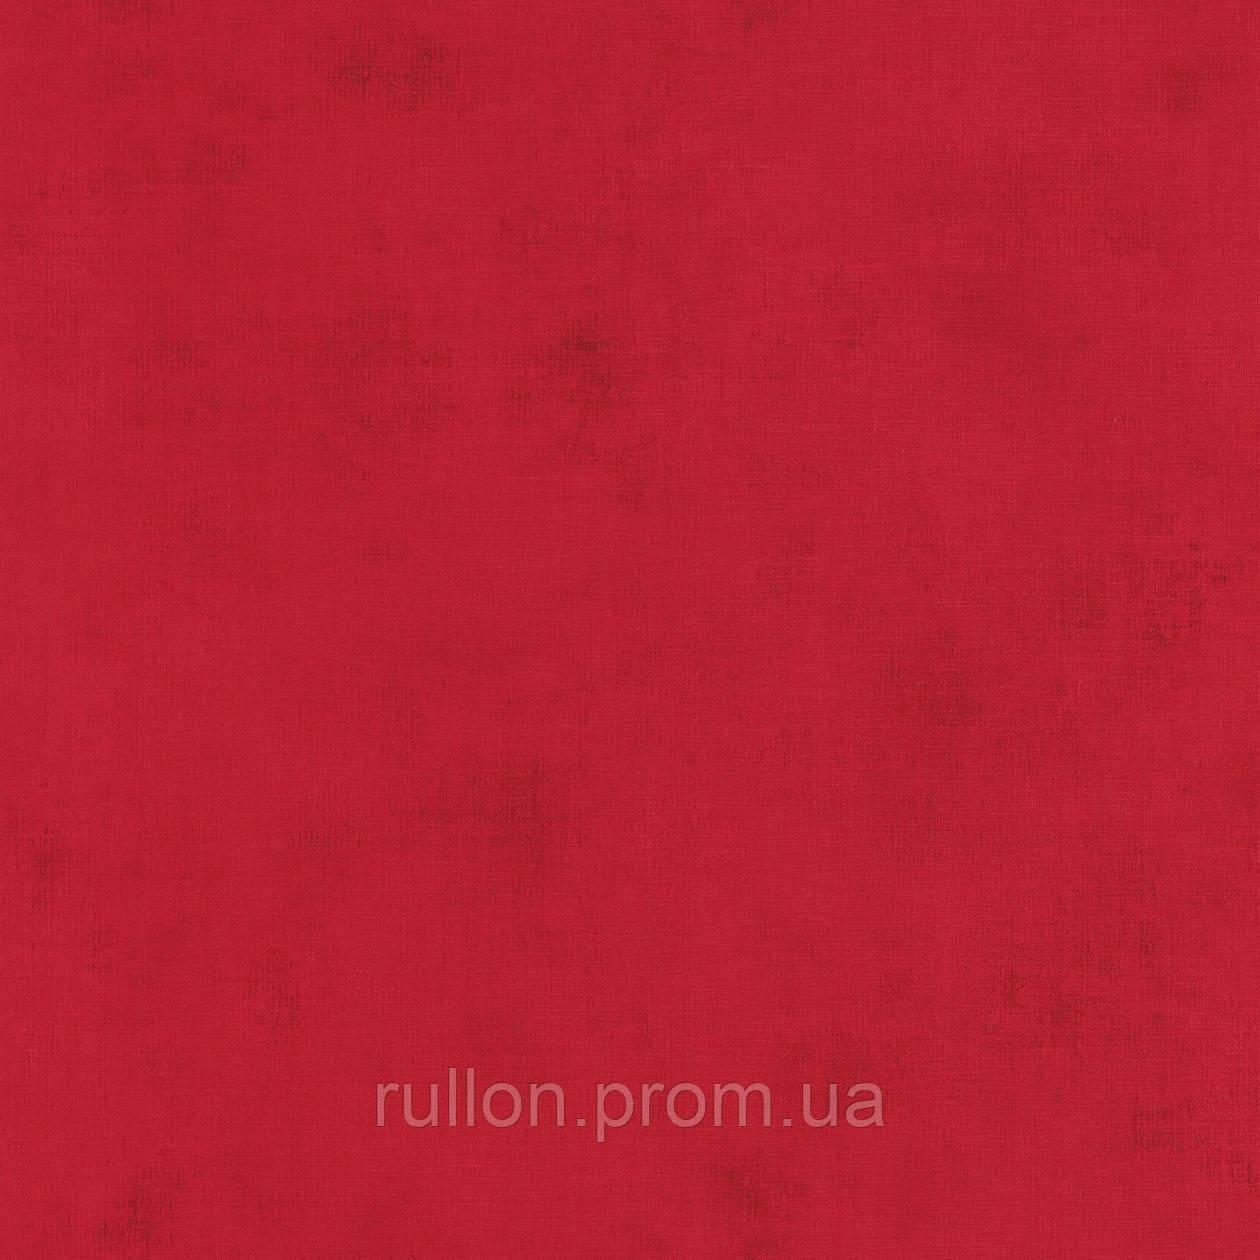 Обои Caselio TELAS 69878273 (Флизелиновые, насыщенно красные)